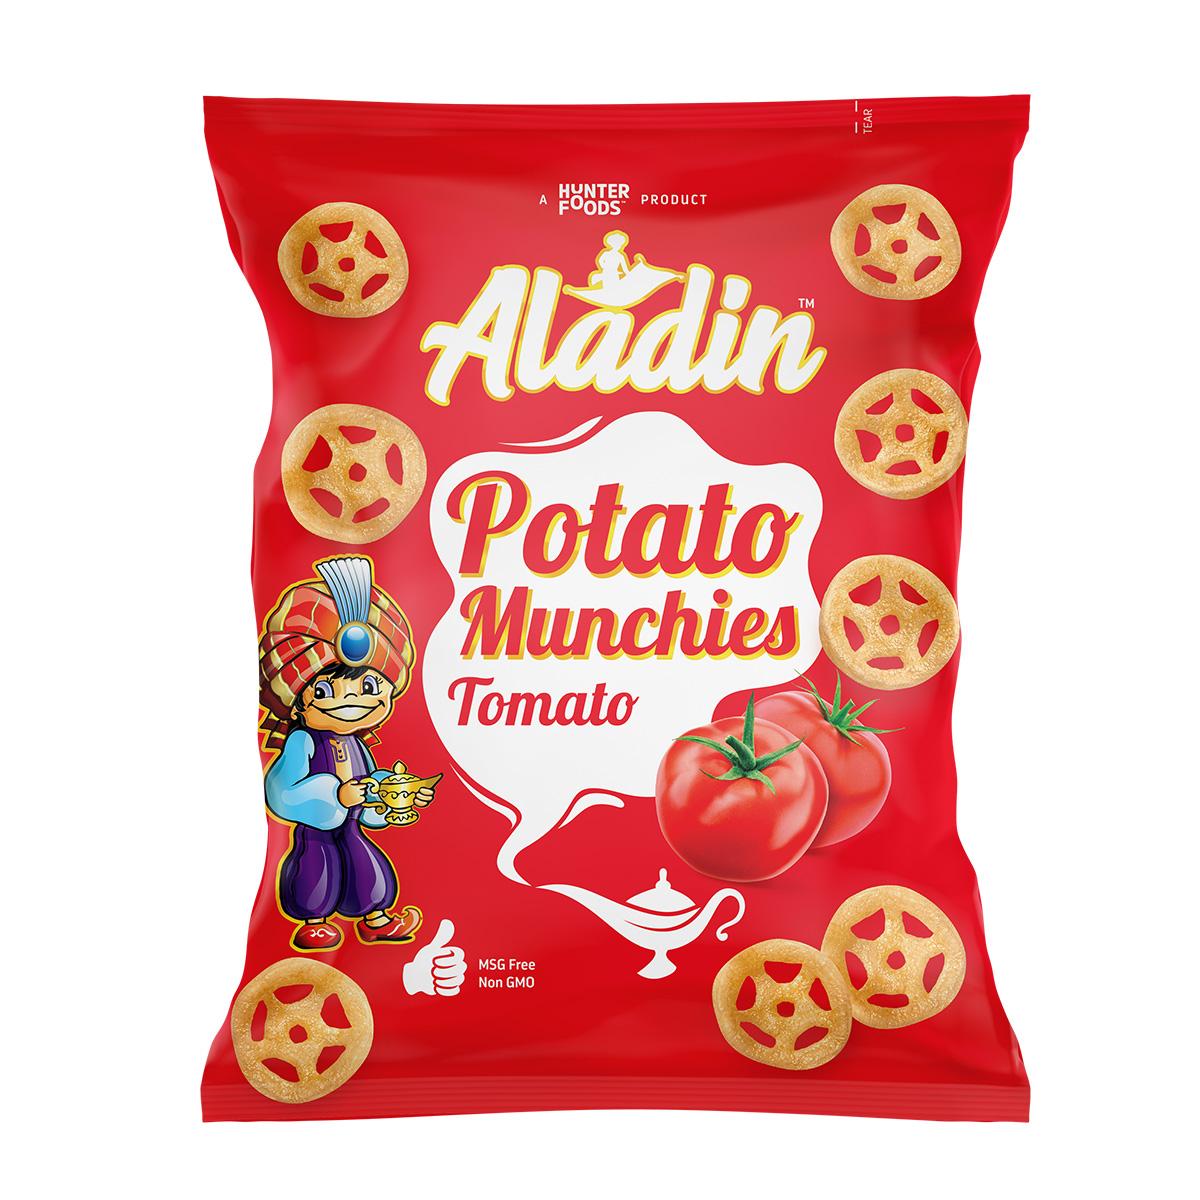 Aladin Potato Munchies - Tomato